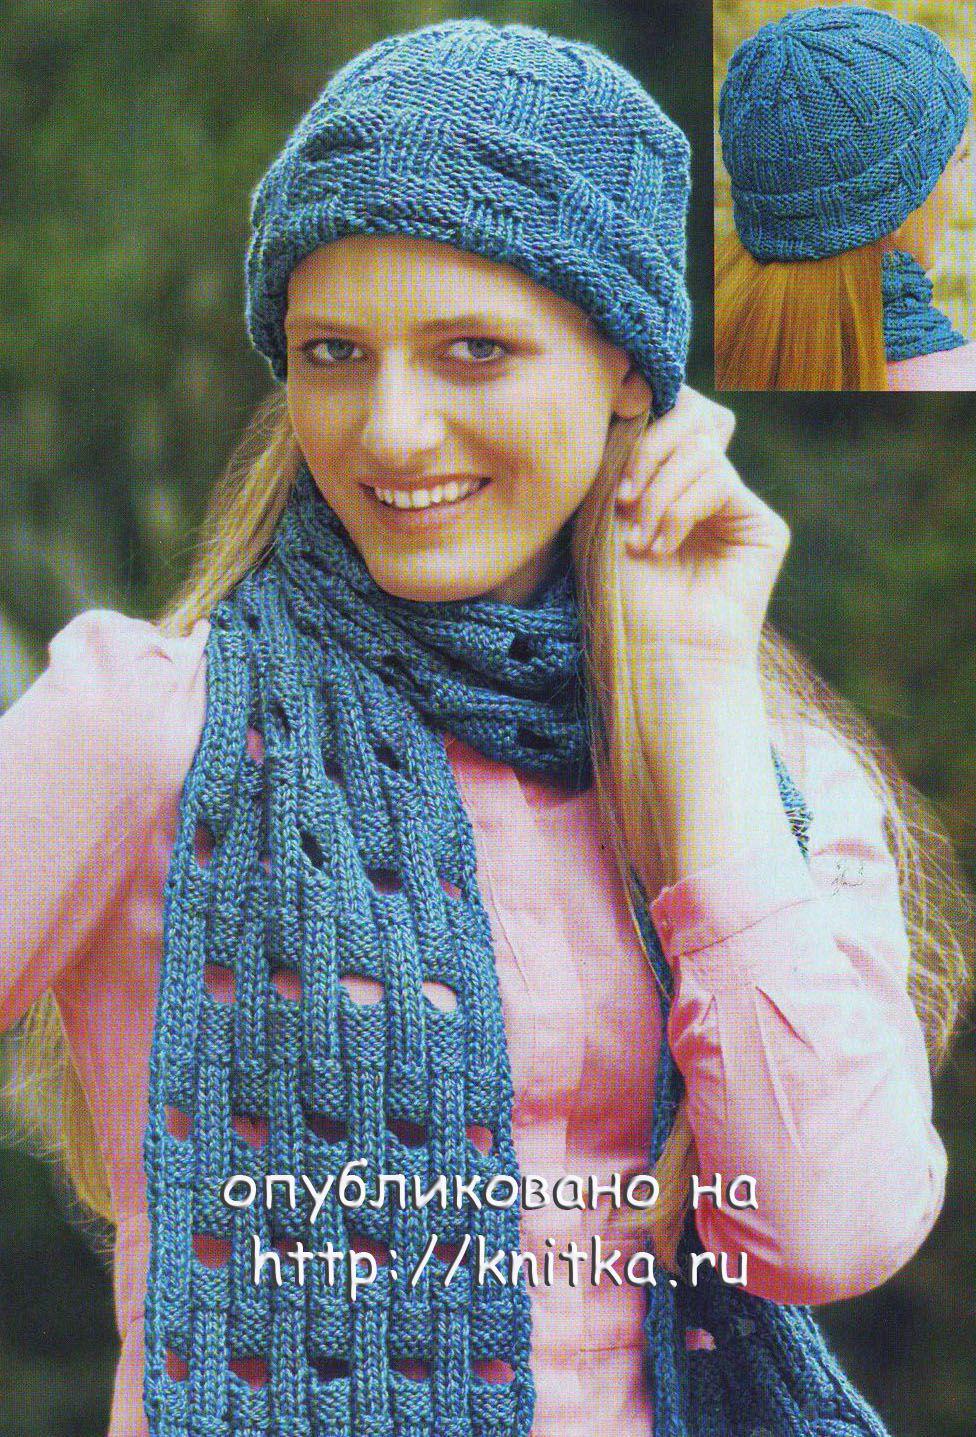 Голубой комплект: шапочка и шарф. вязания.  Фантазийные узоры: вязать по схемам 1; 2 и 3. вам потребуется...